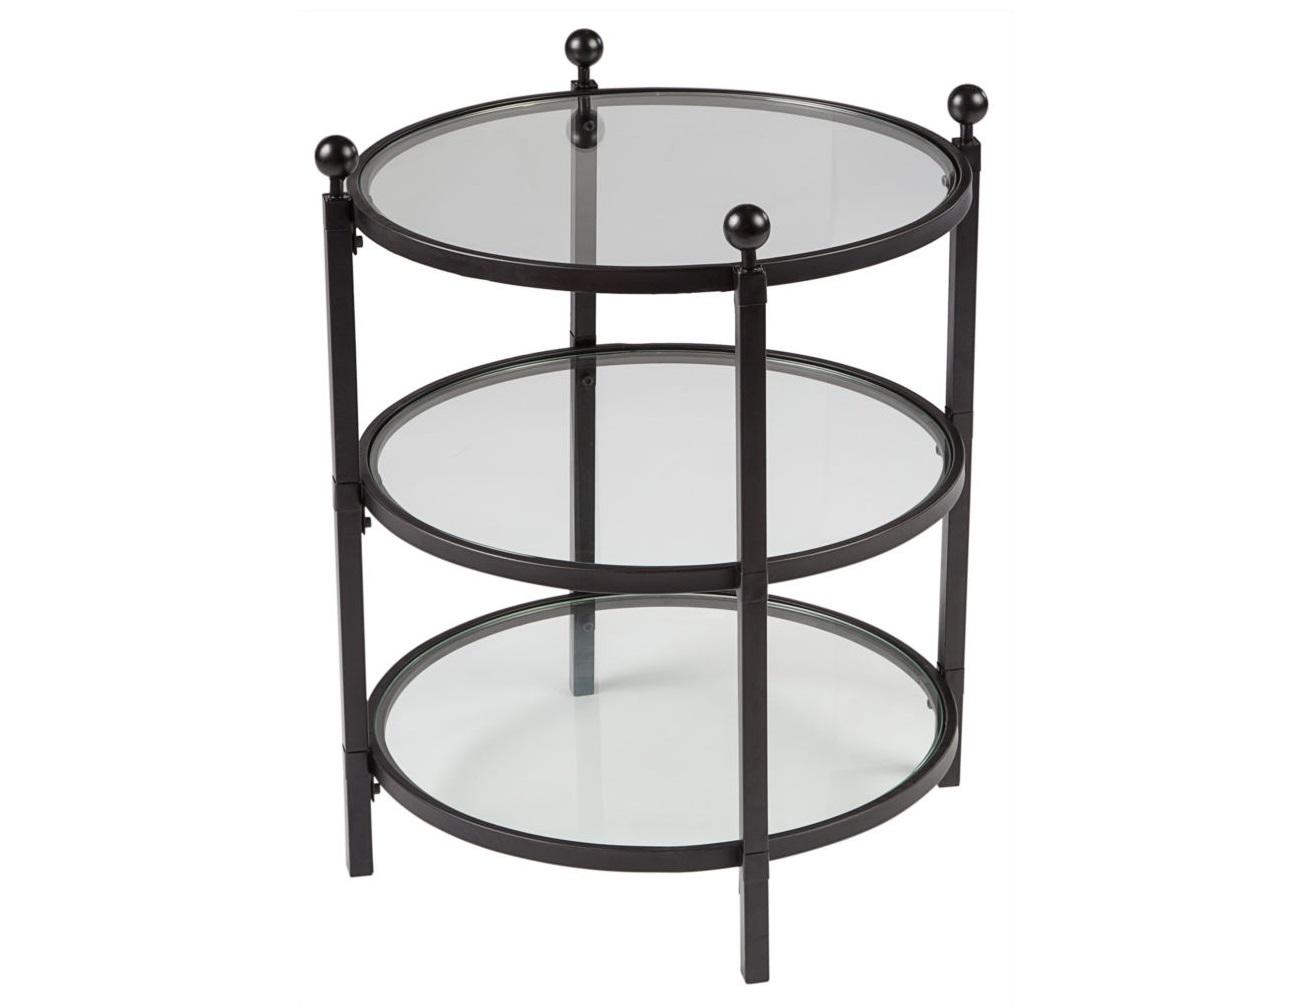 Стол журнальный Glass PlateauЖурнальные столики<br>Три стеклянных столешницы обрамленные в черненный металл могут послужить не только уютным столиком для чашки кофе с темным шоколадом, но и элегантной этажеркой, на которой разместятся авторские предметы декора, любимые кактусы или просто необходимые  каждый день вещицы.<br><br>Material: Стекло<br>Ширина см: 57<br>Высота см: 66<br>Глубина см: 57